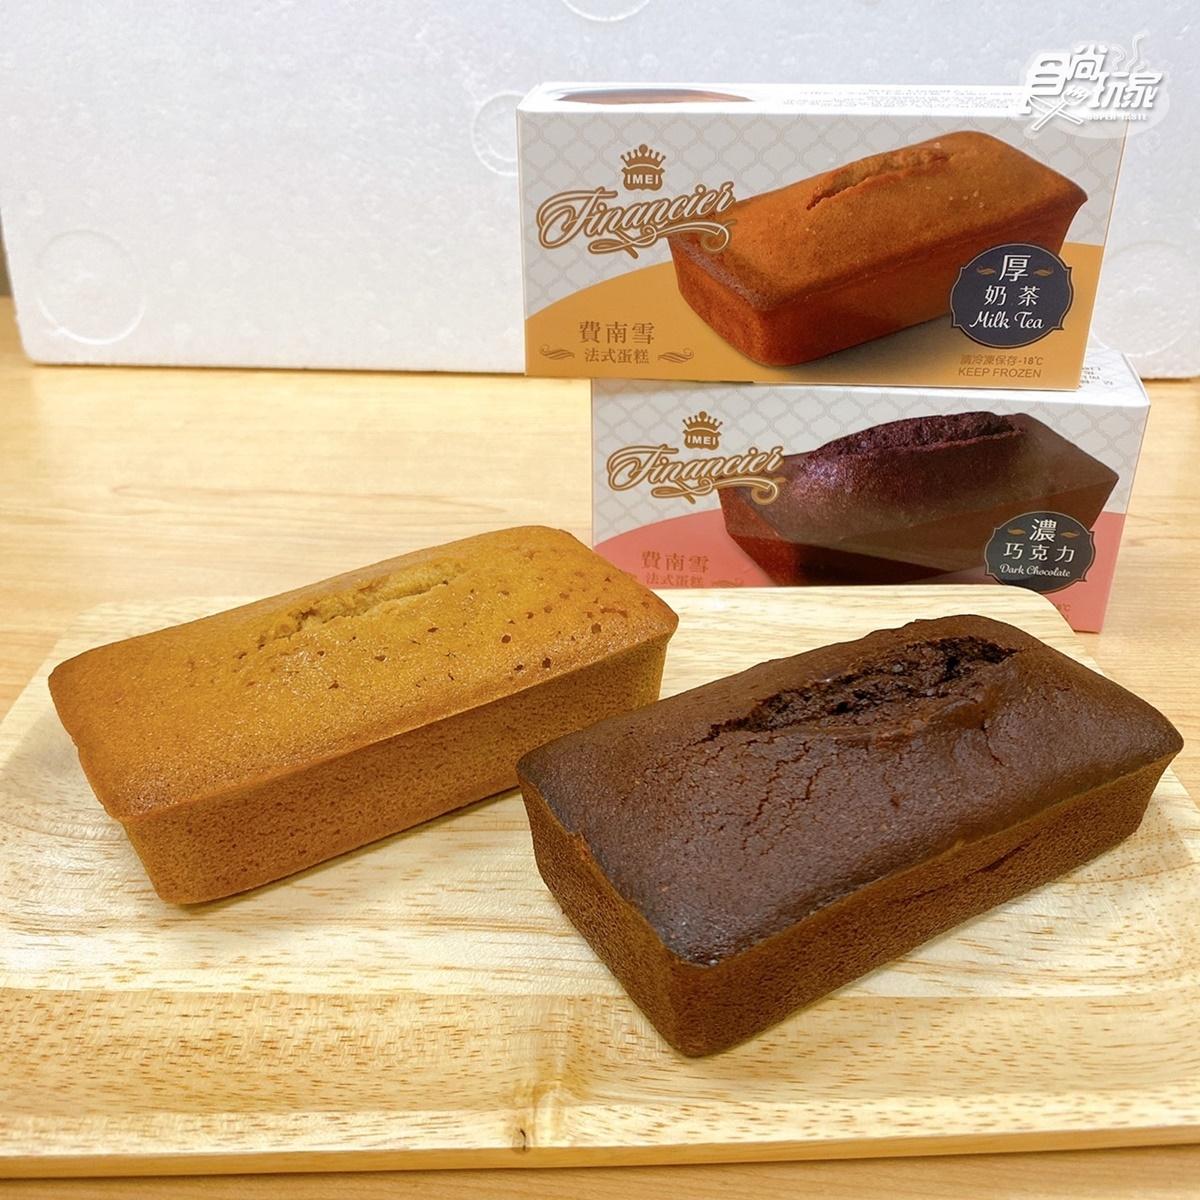 奶茶控注意!義美新推4款費南雪蛋糕,「厚奶茶、靜岡抹茶」必吃